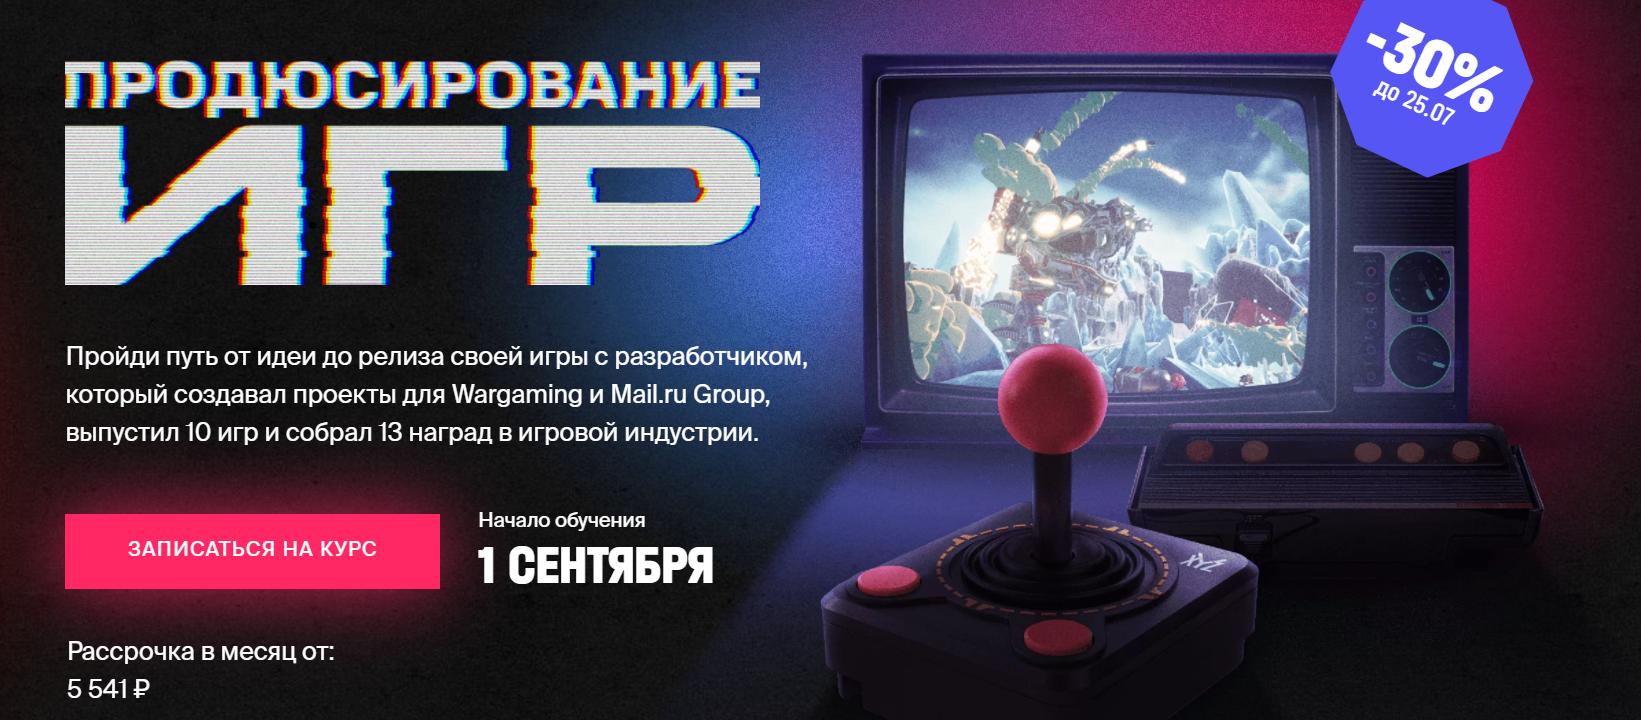 Отзывы о курсе - Продюсирование игр от XYZ School - автор: Кирилл Золовкин